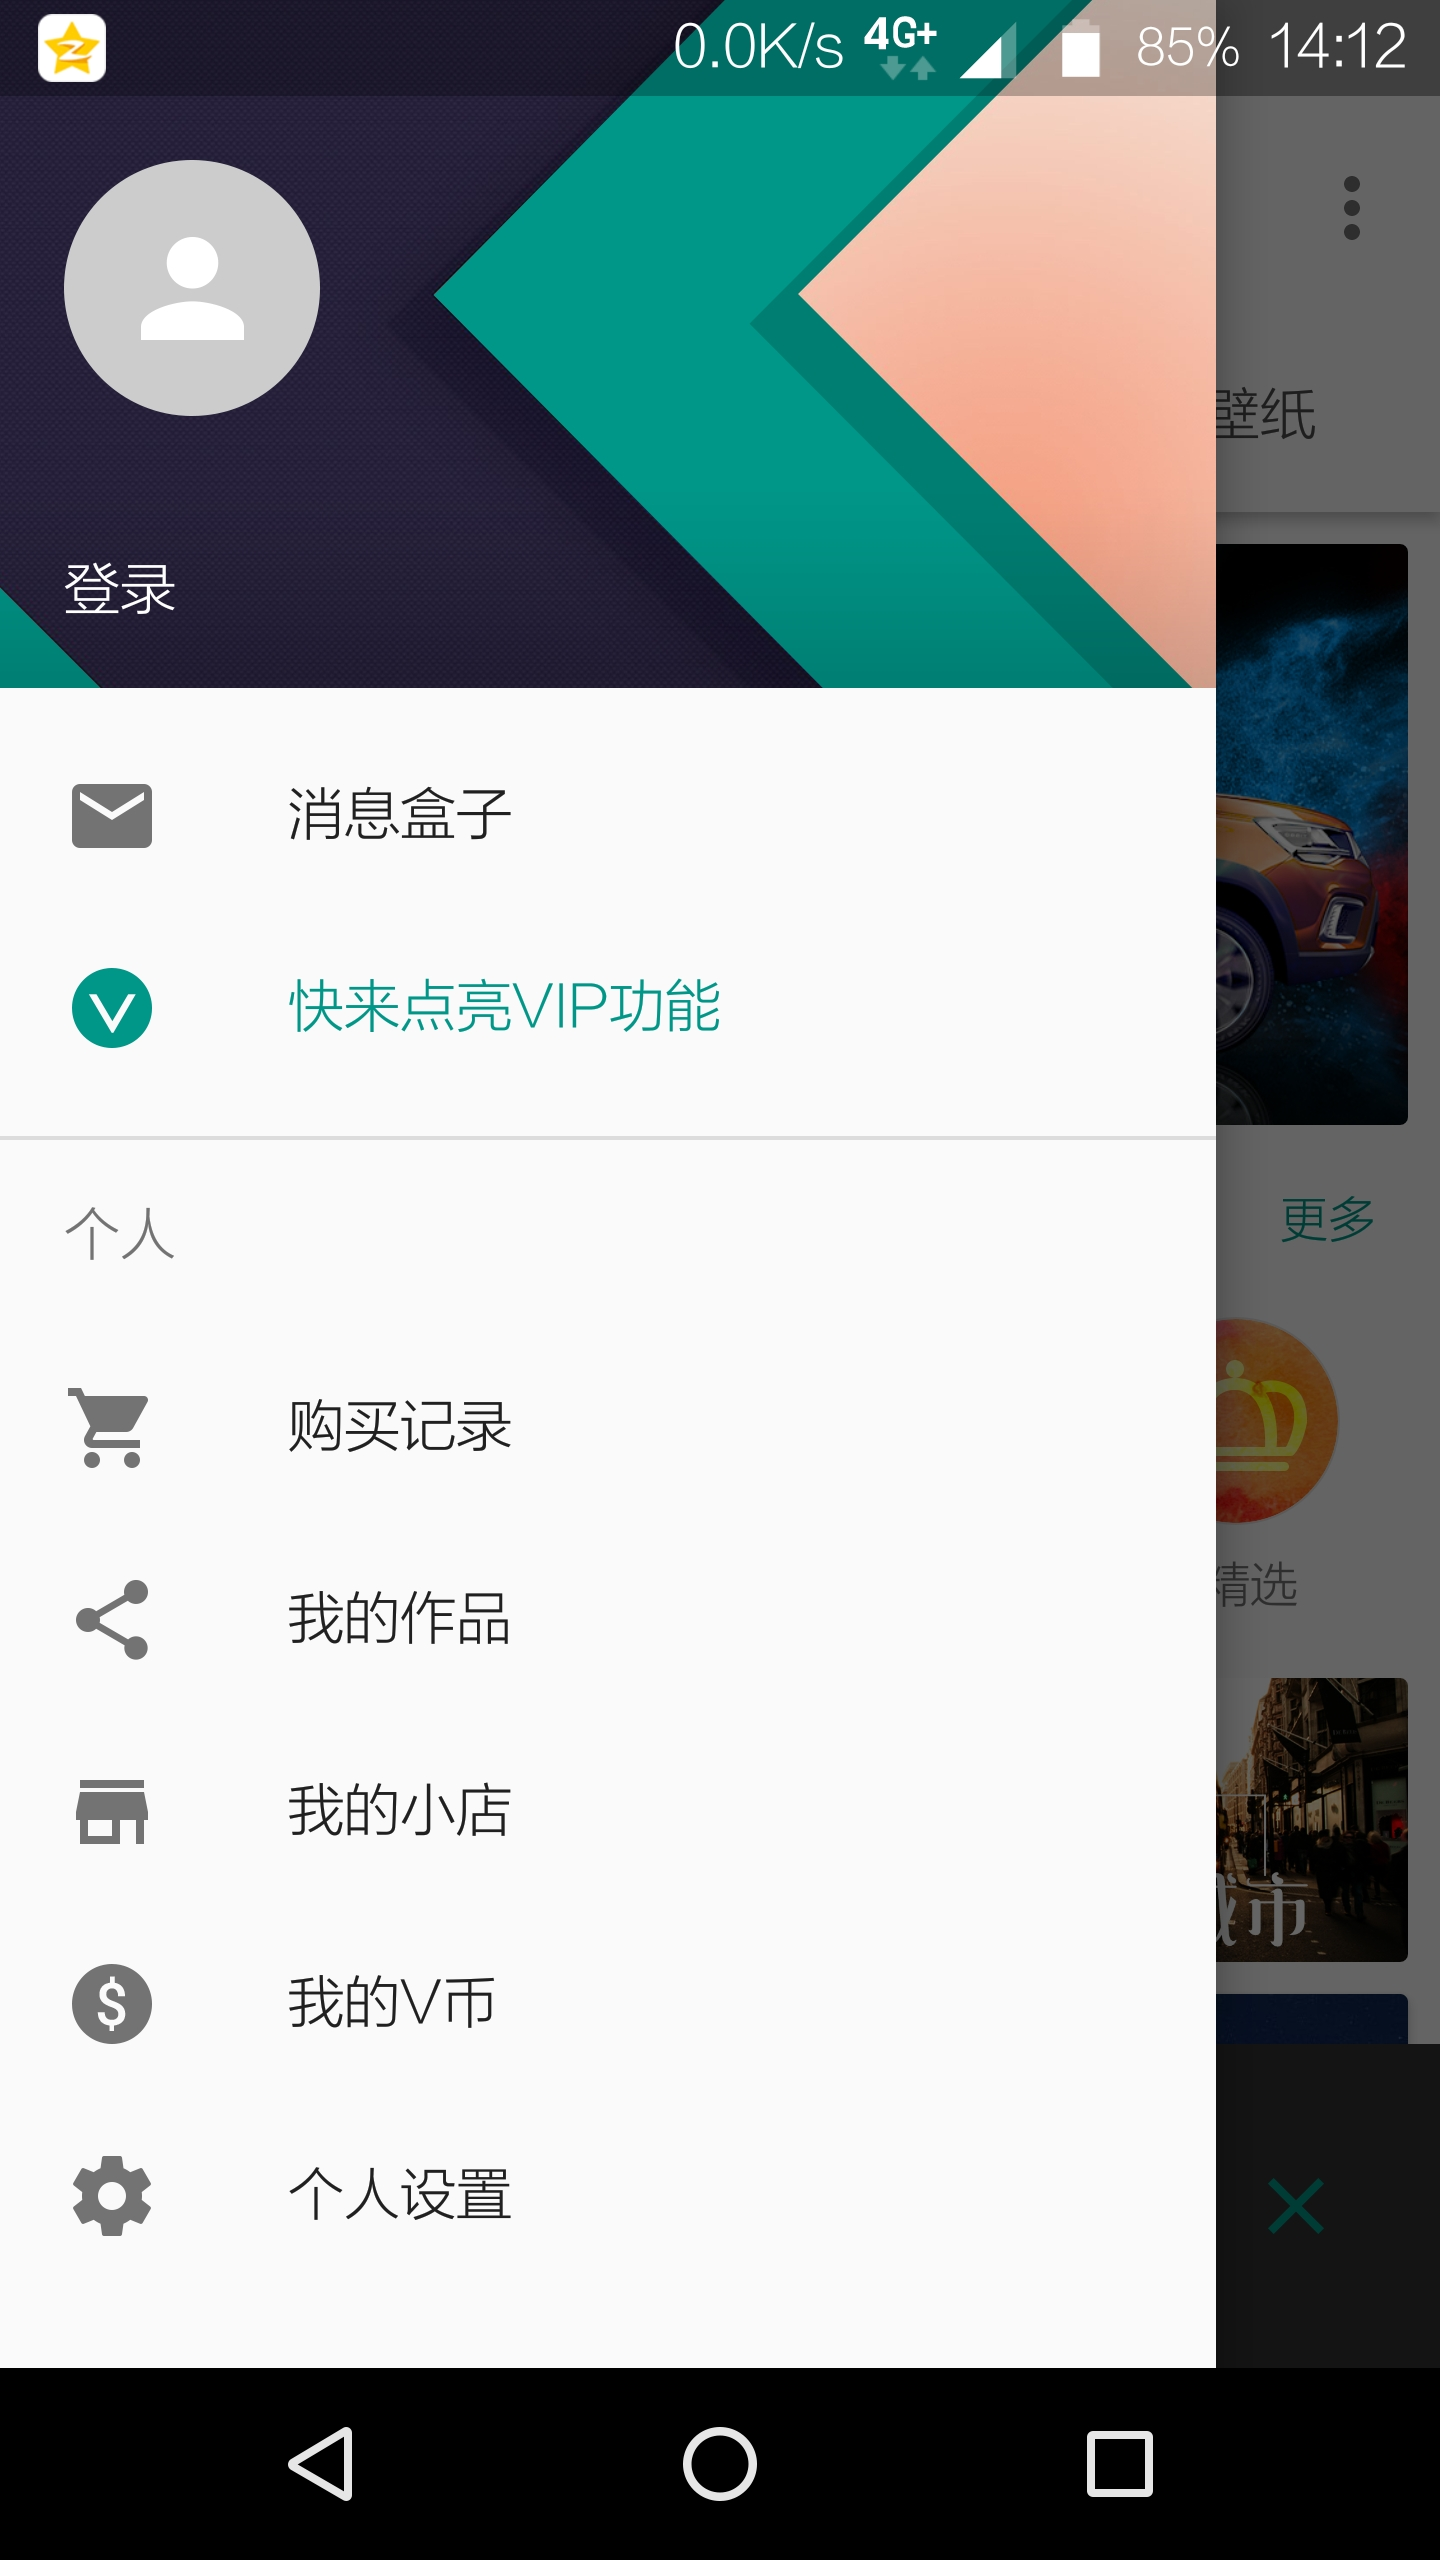 Screenshot_20170520-141246-570.jpg